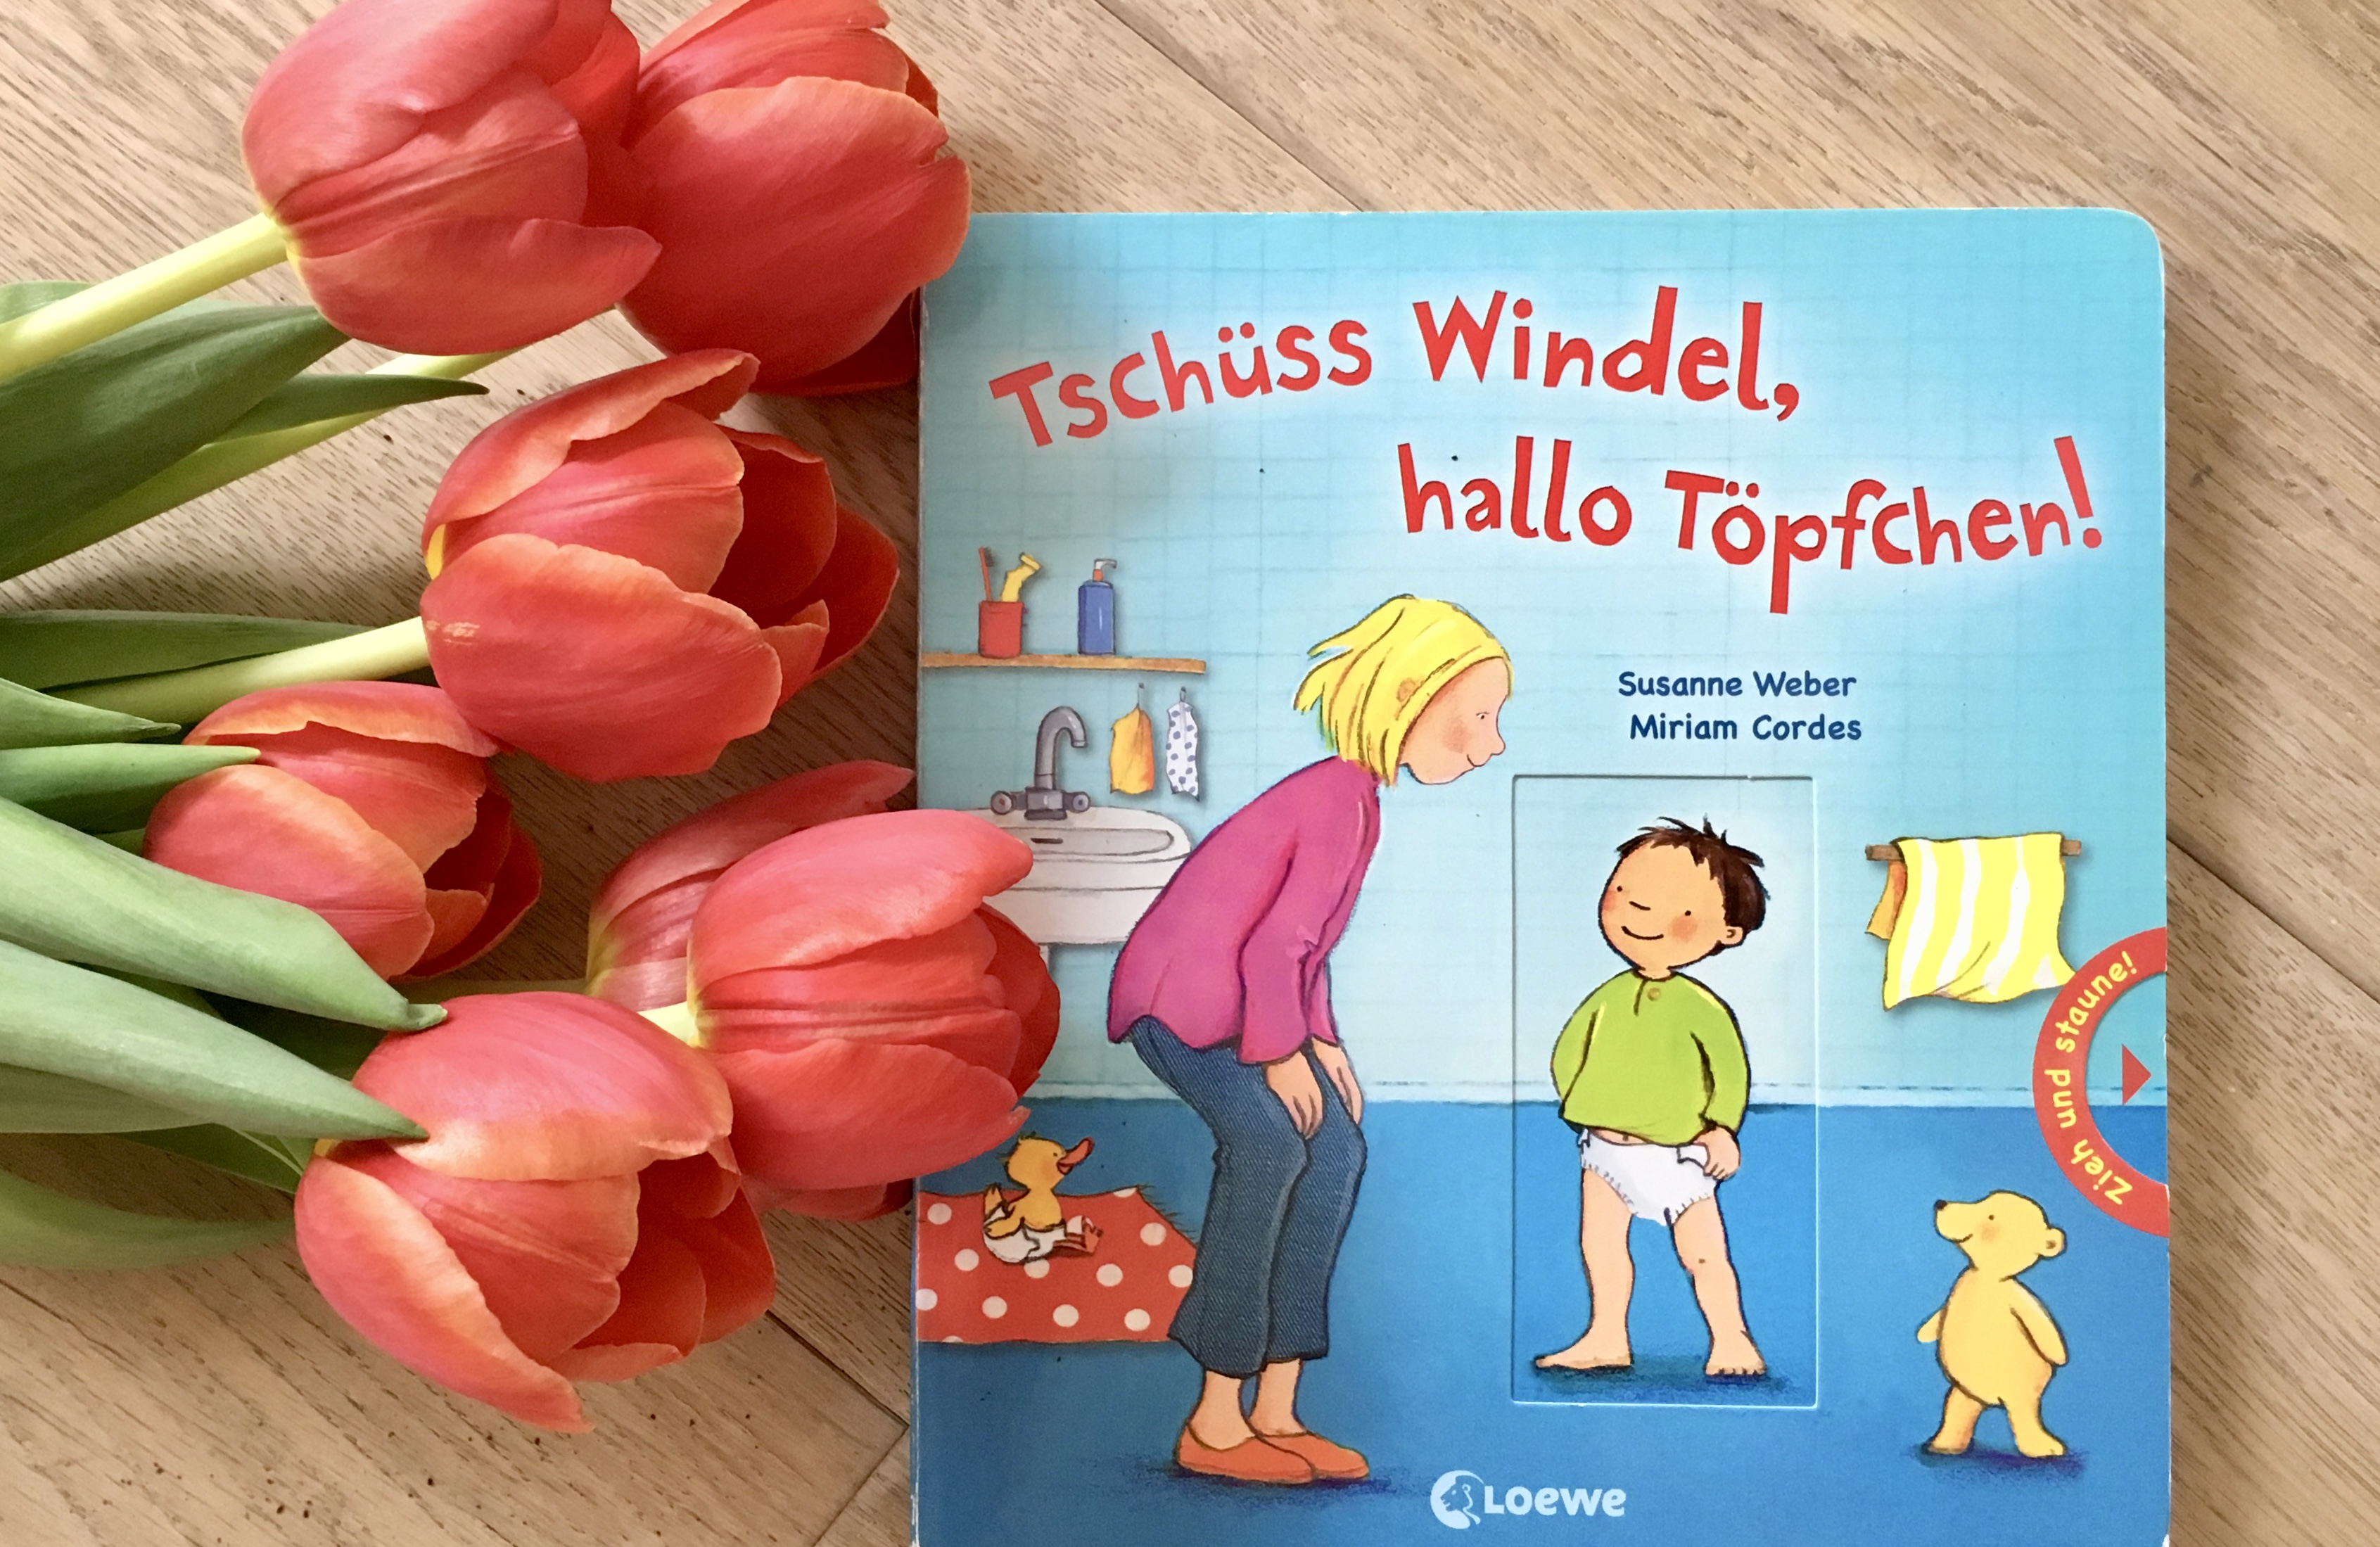 Tschüss Windel, hallo Töpfchen! von Susanne Weber (Text) und Miriam Cordes (Illustration)